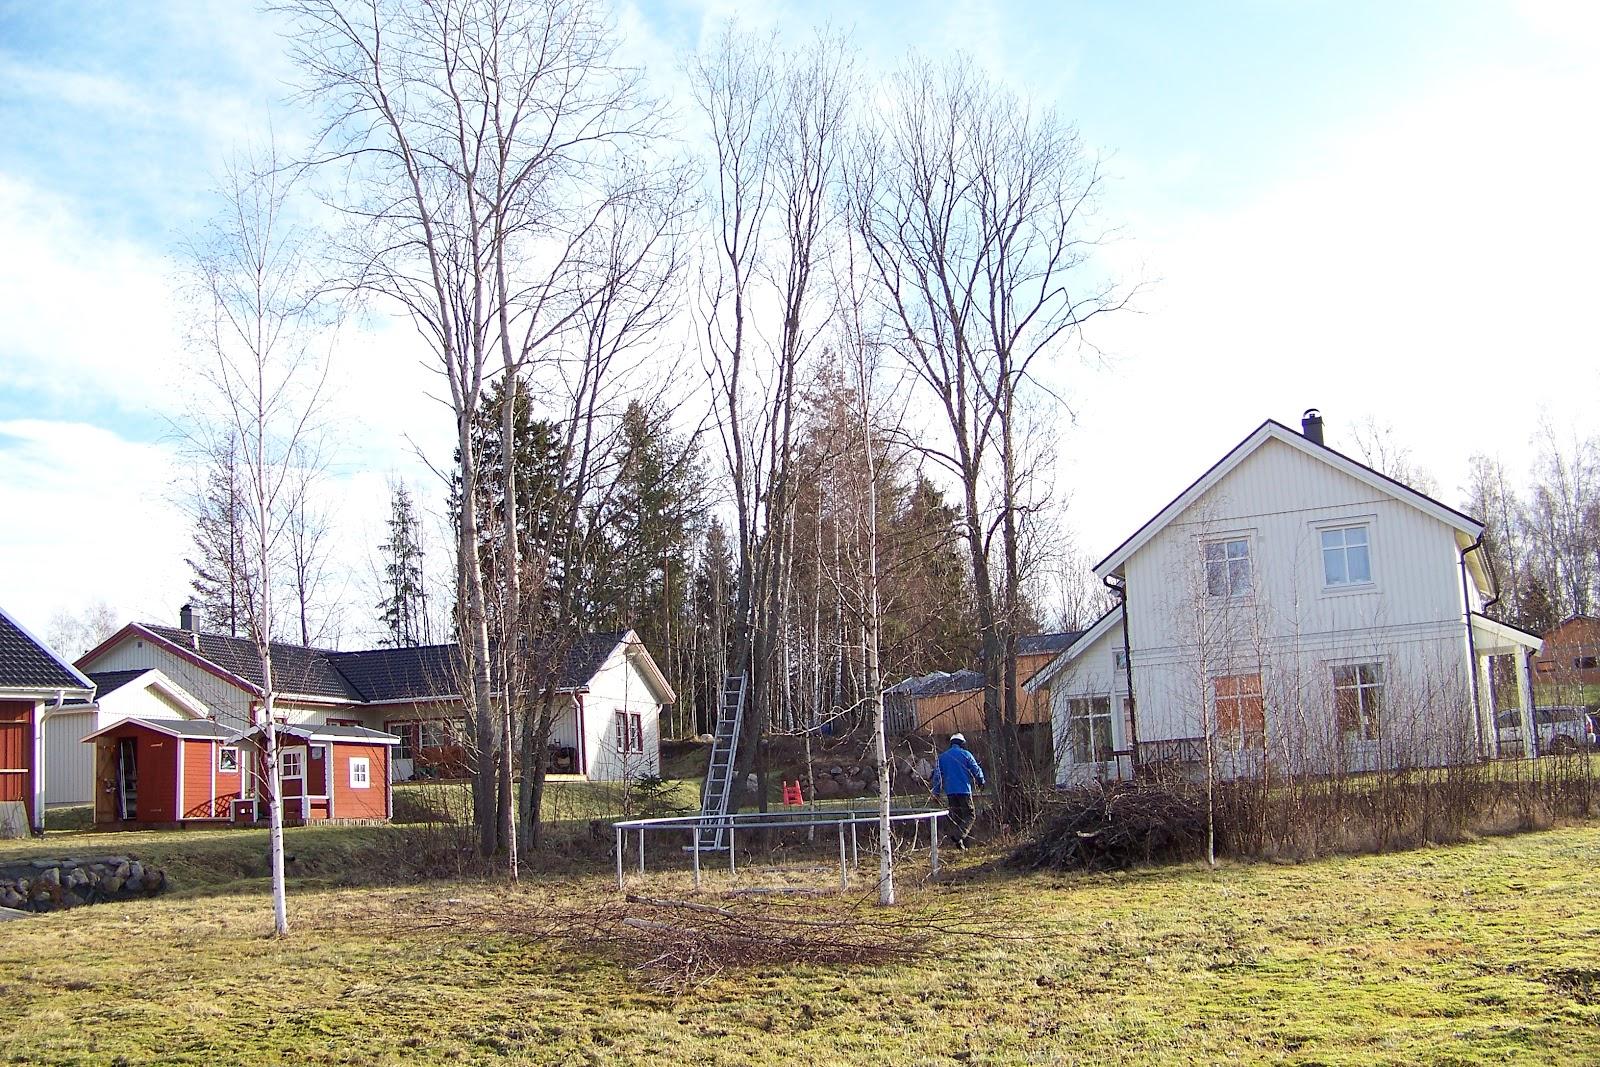 alexandras garten in schweden mein freund der baum ist tot baumf llen teil 2. Black Bedroom Furniture Sets. Home Design Ideas